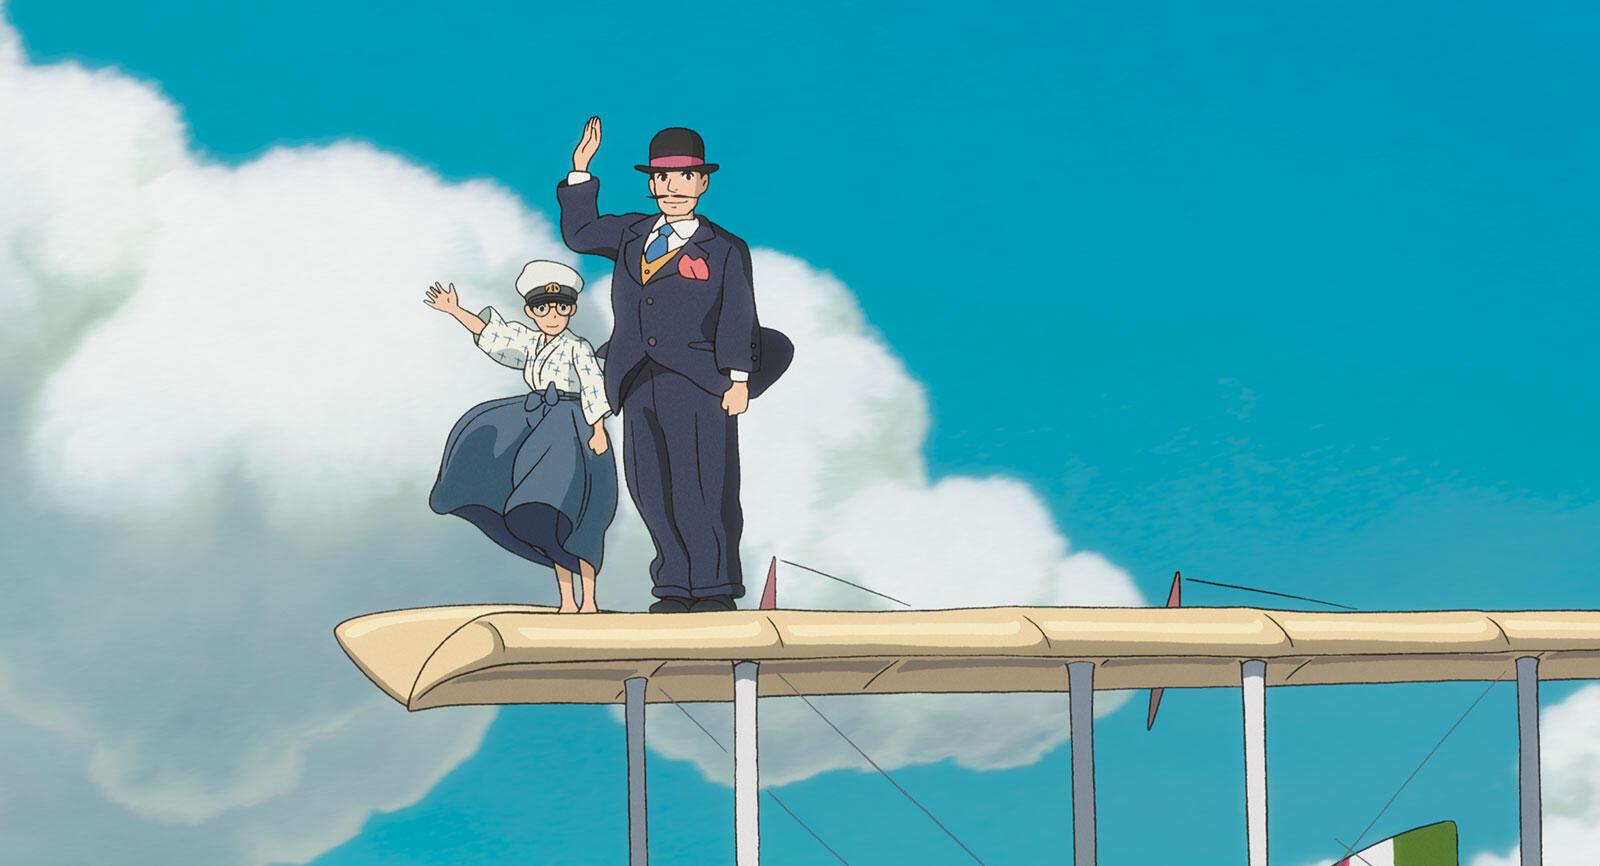 Le Vent se lève est le dernier film du grand maitre japonais Hayao Miyazaki.